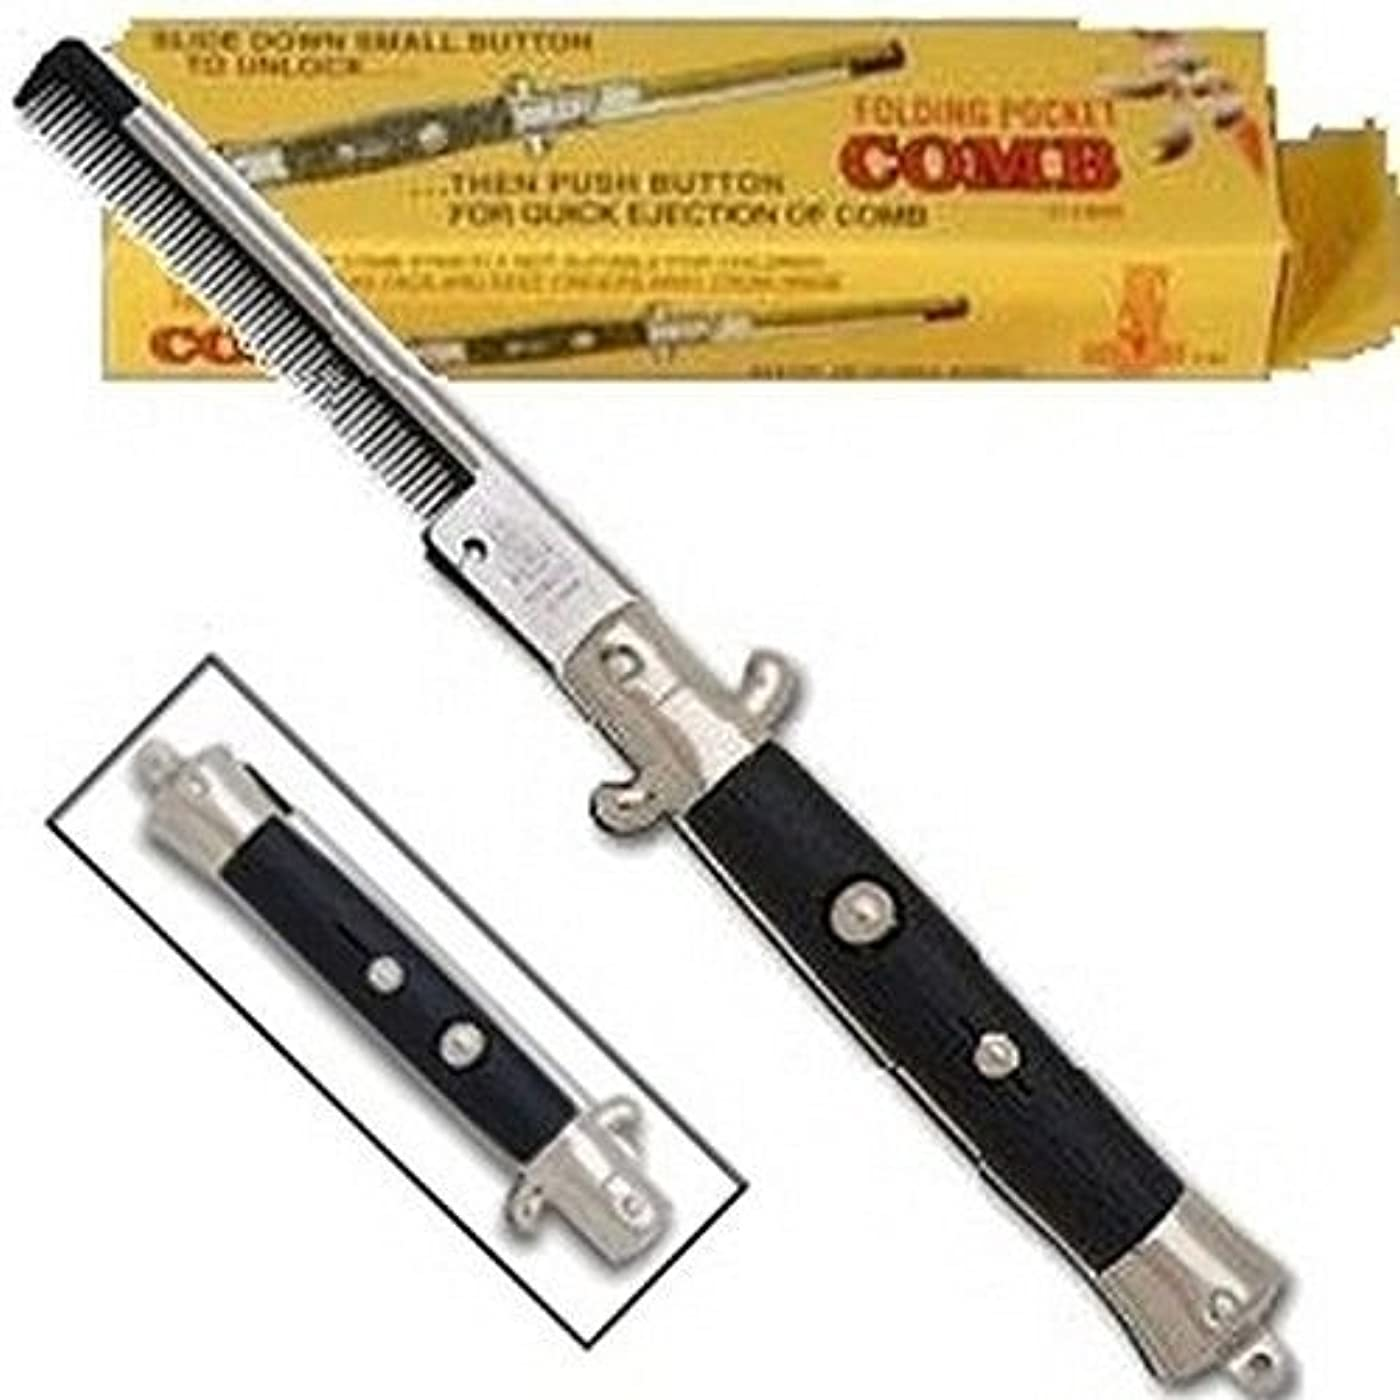 デザイナー悪化させるリングレットNovelty Switch Blade Comb (1 DOZEN PIECES) [並行輸入品]